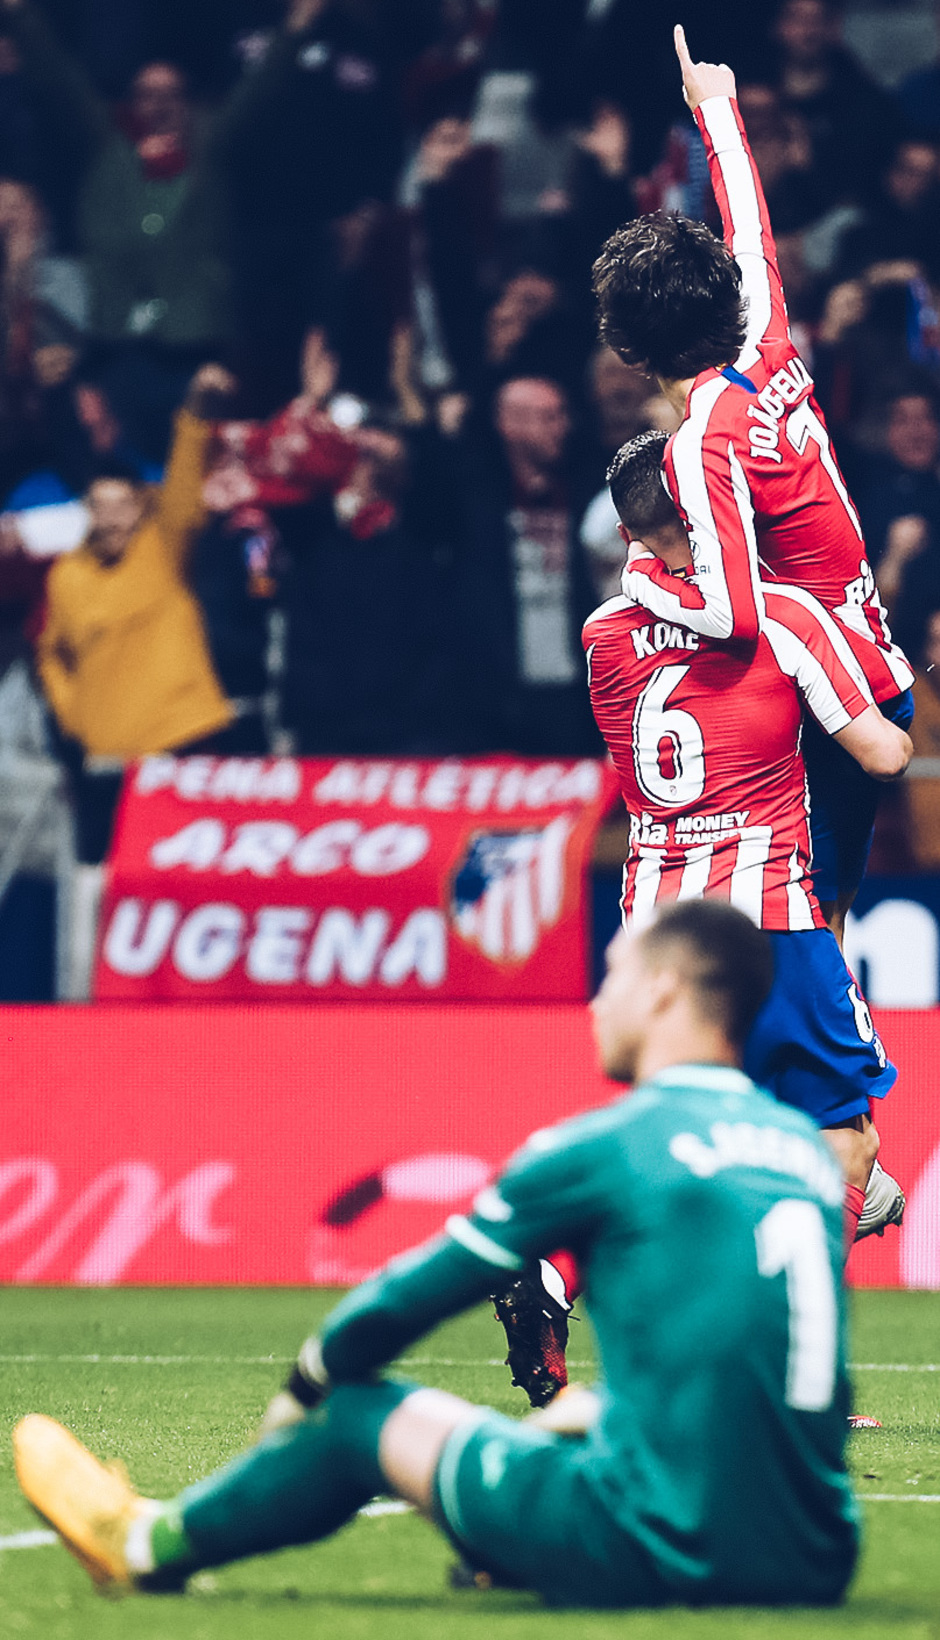 Temporada 2019/20 | Atlético de Madrid - Villarreal | Otra mirada | Celebración